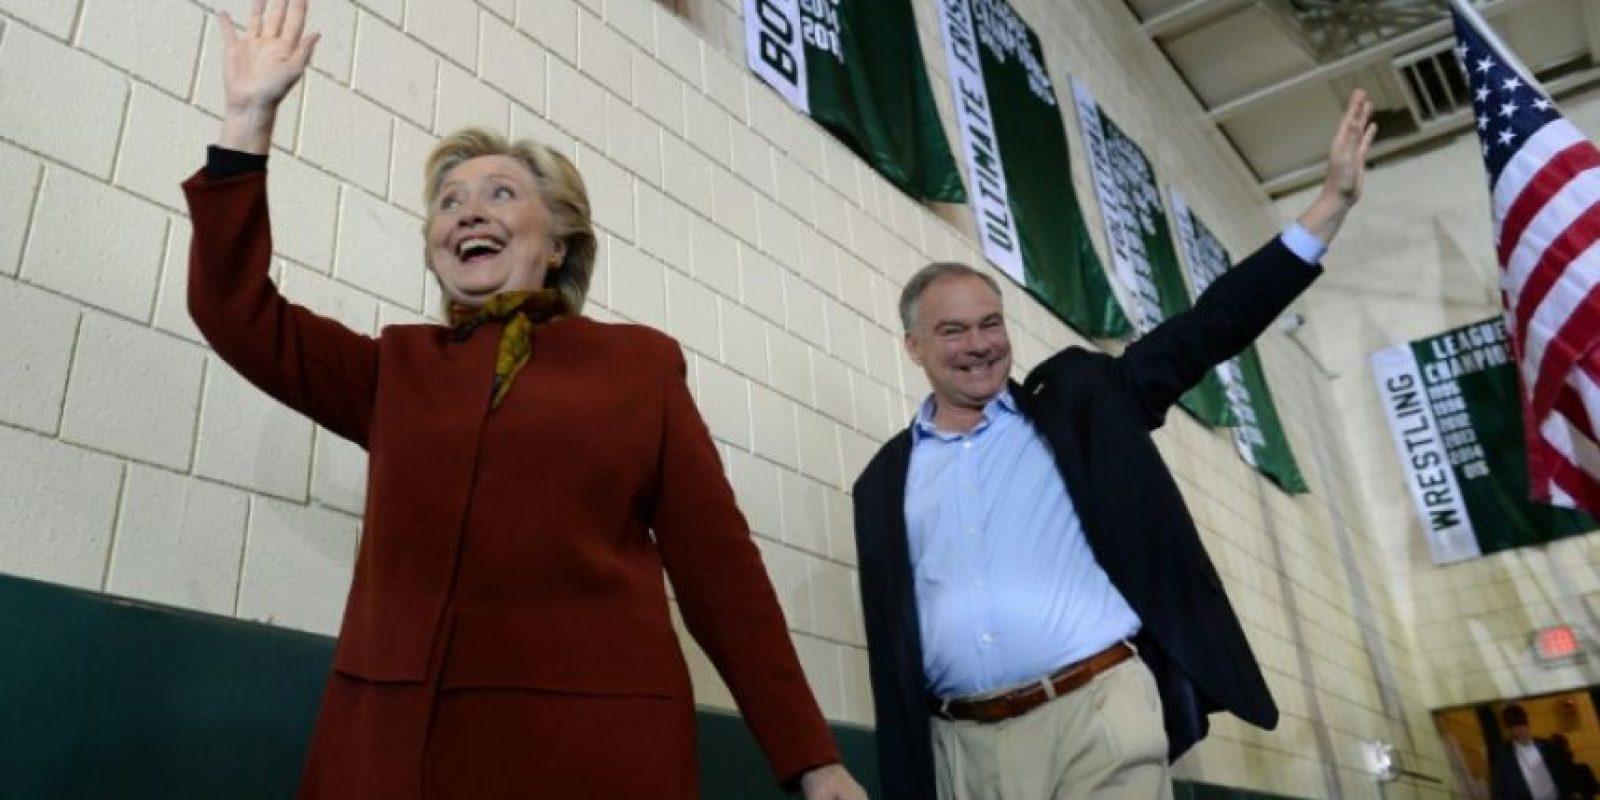 La candidata presidencial demócrata, Hillary Clinton, durante un evento de campaña junto su aspirante a la vicepresidencia, Tim Kaine, el 22 de octubre de 2016 en el instituto de secundaria Taylor Allderdice de Pittsburgh, Pensilvania (EEUU) Foto:Robyn Beck/afp.com